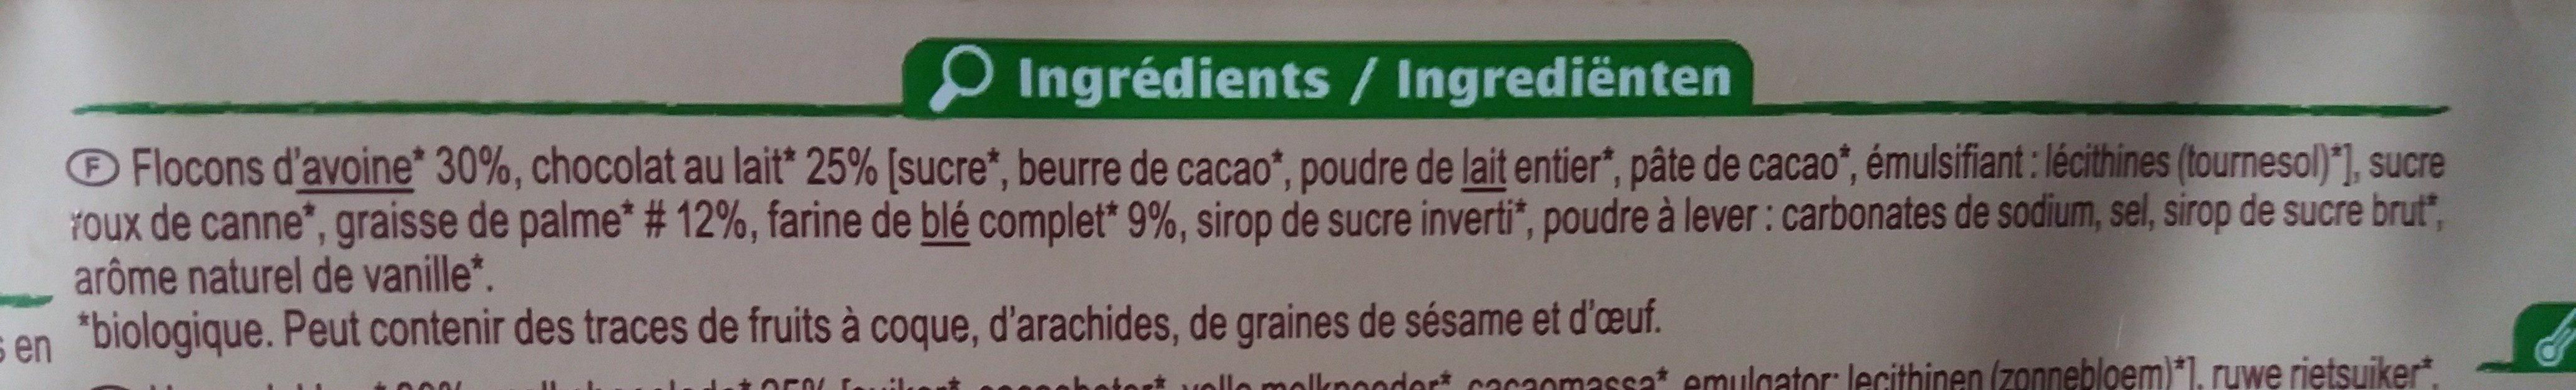 Biscuits complets avoine blé - Ingrediënten - fr